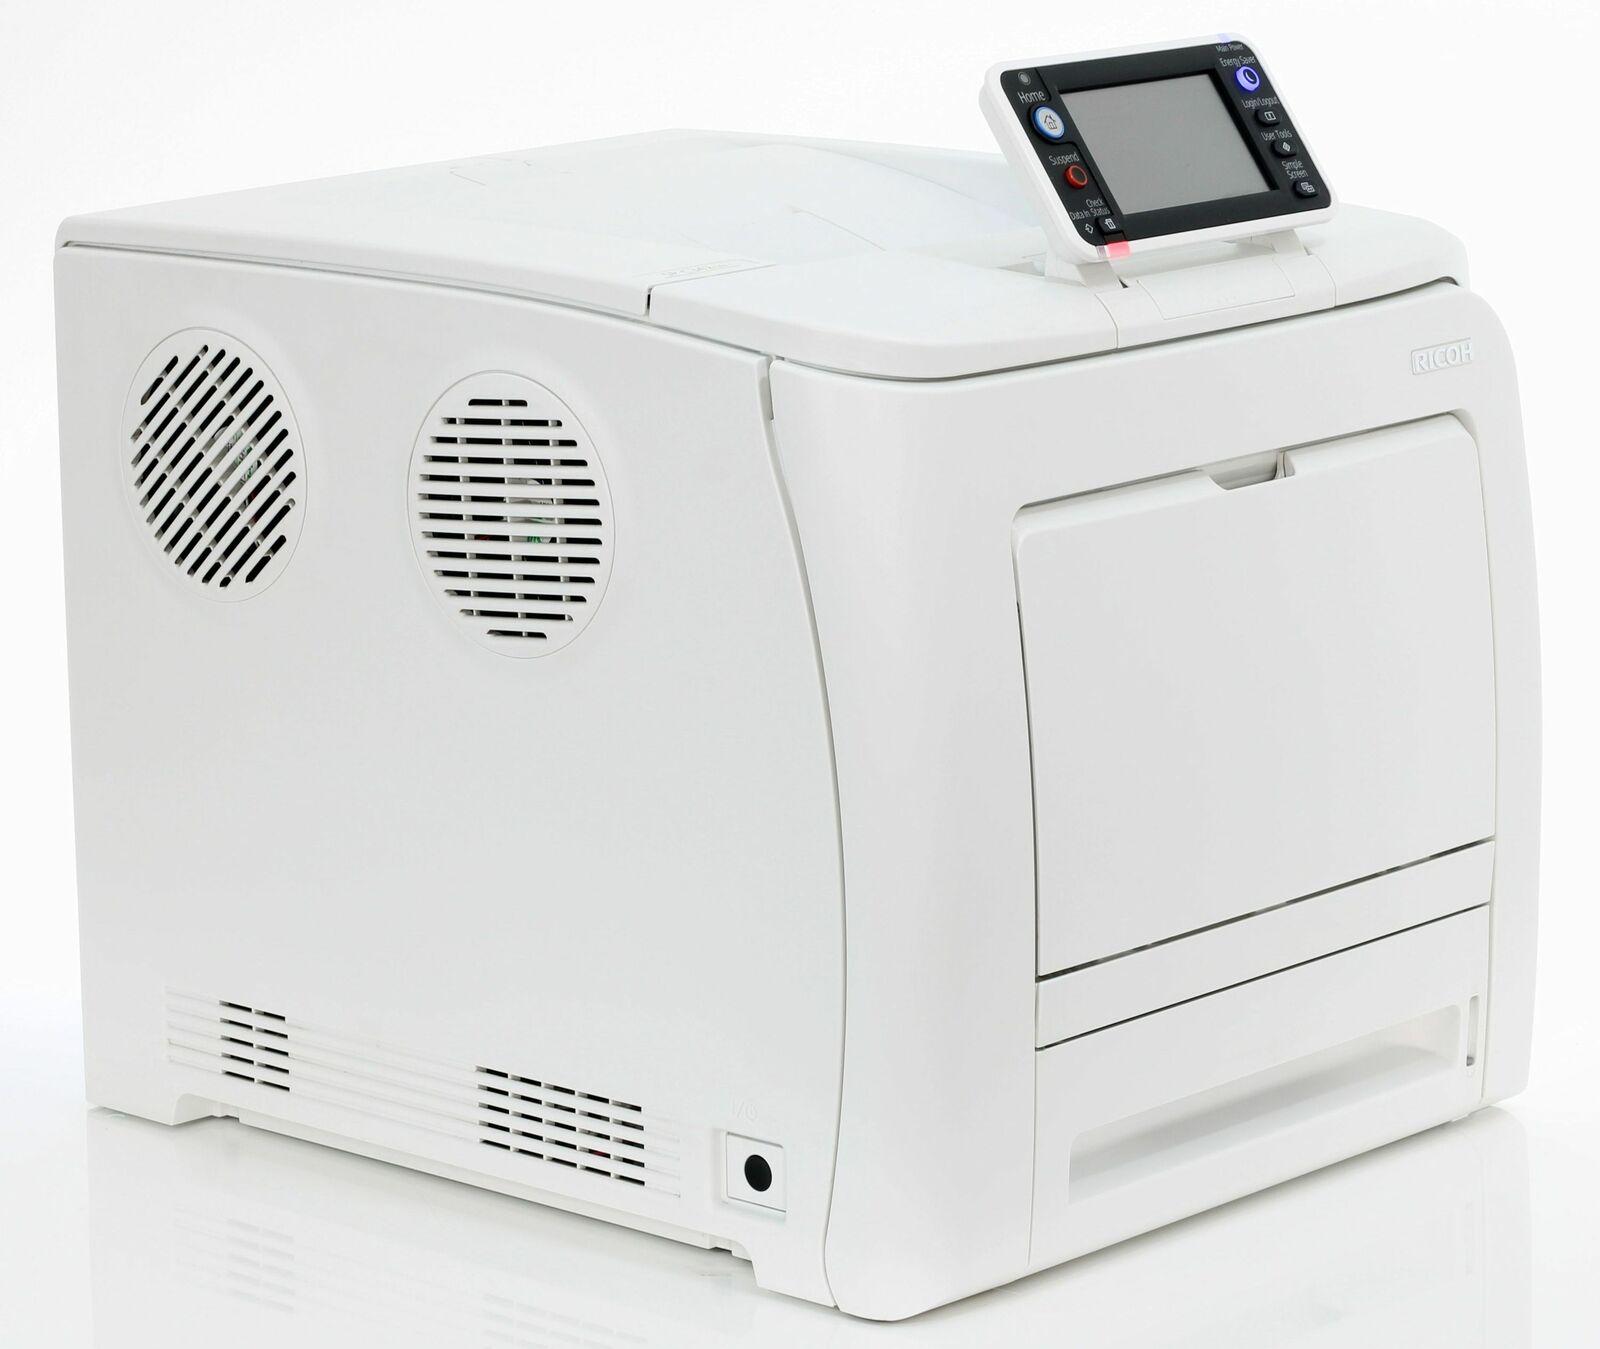 Ricoh aficio sp c342dn imprimante réseau & duplex laser seulement 20.000 pages